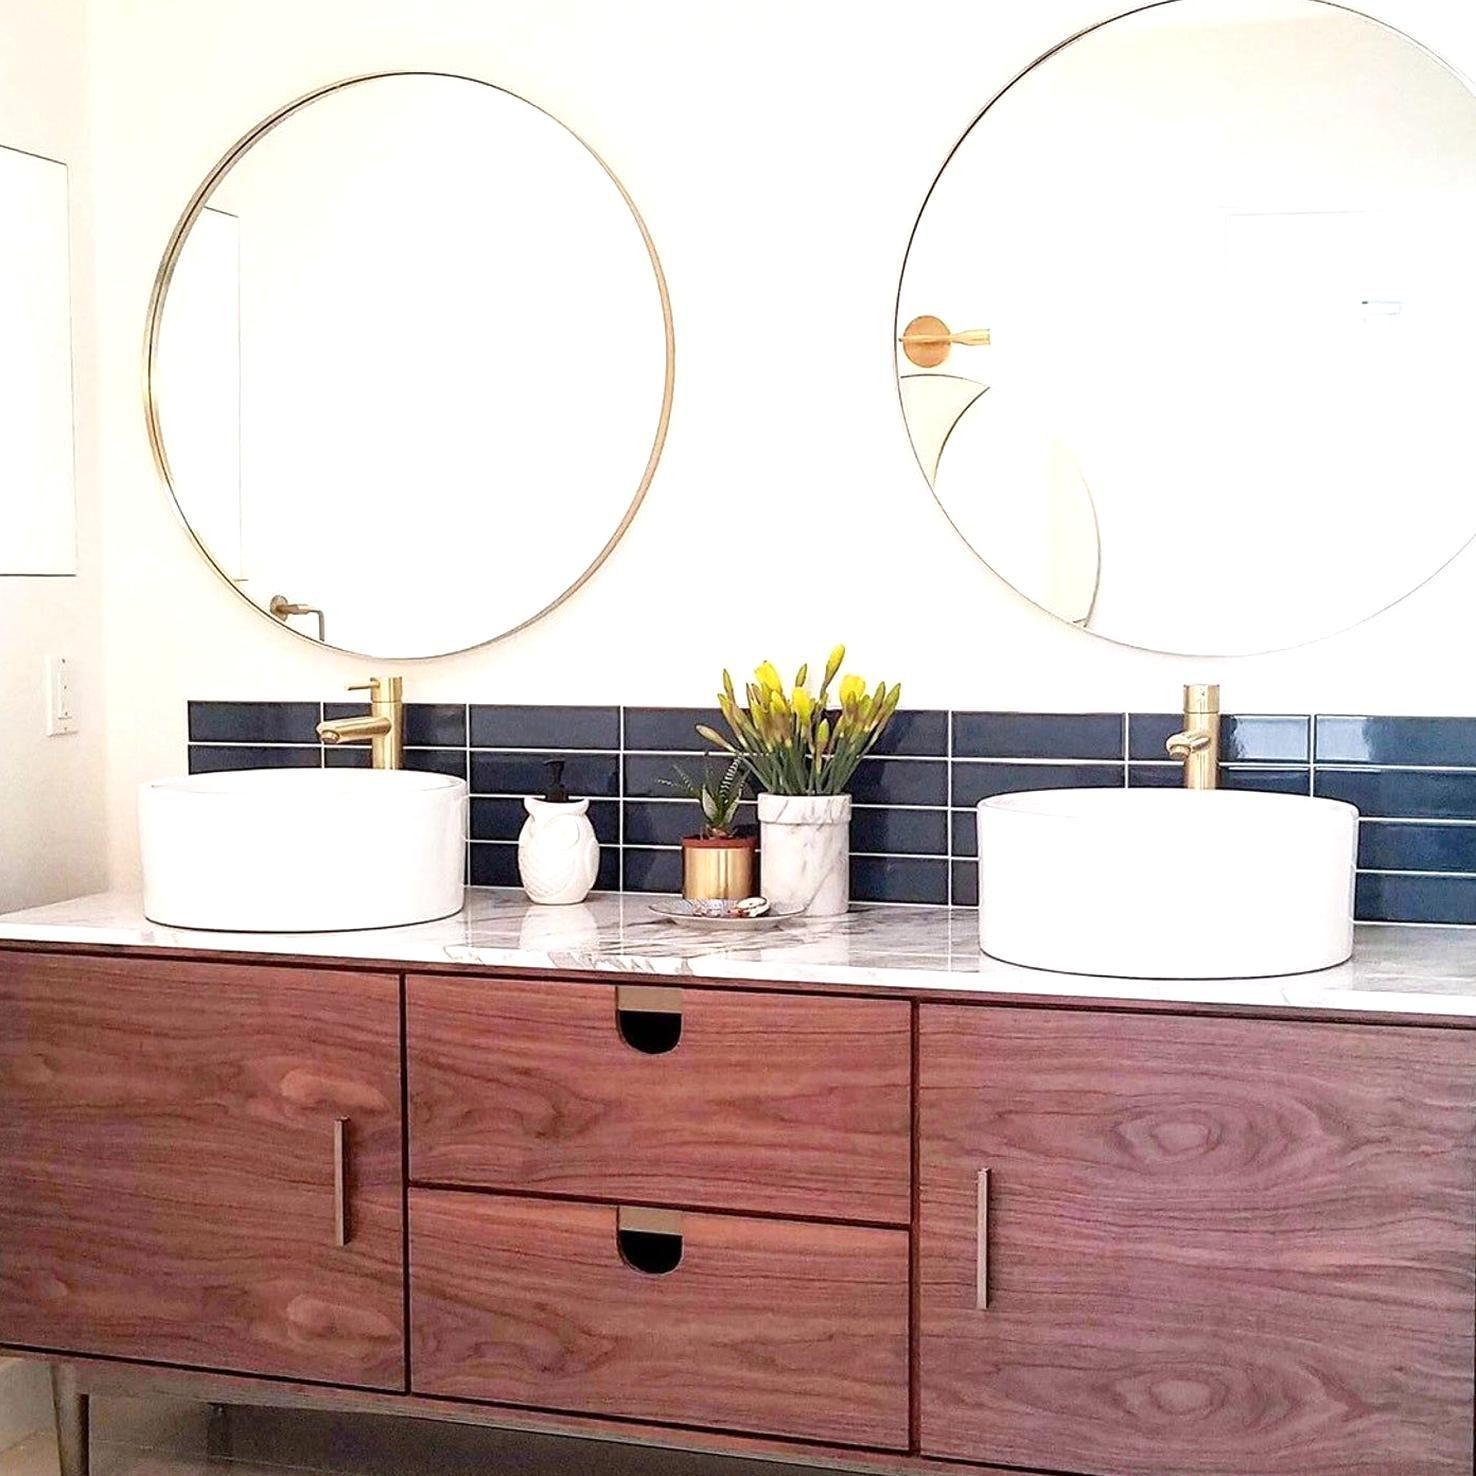 Modern 32 Large Round Mirror Entryway Mirror Console Etsy In 2020 Large Round Mirror Round Mirror Bathroom Mirror Console